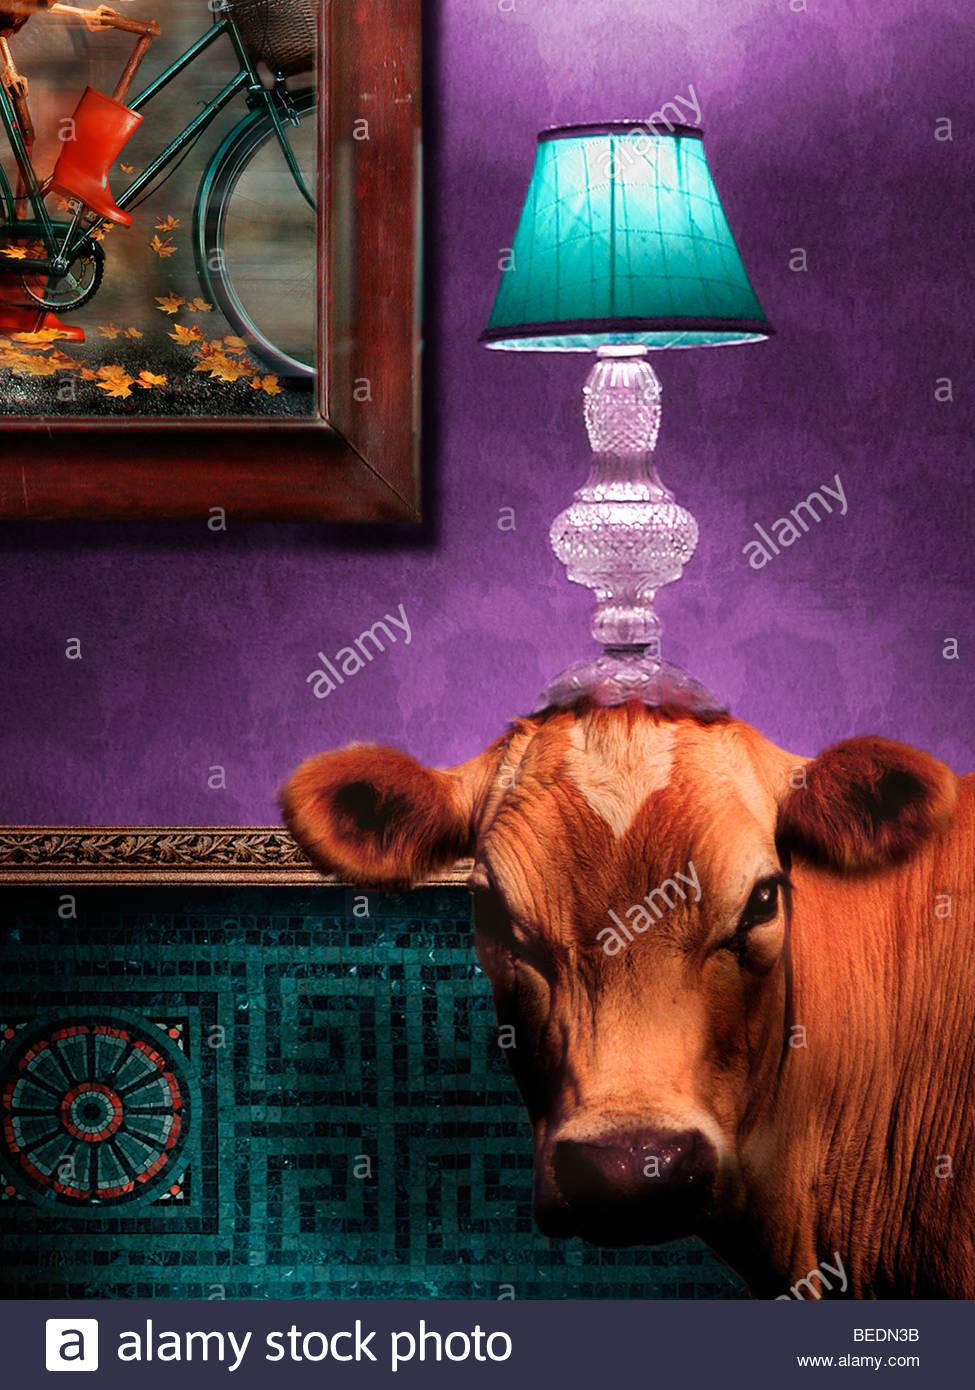 Kuh im Wohnzimmer mit Lampe auf Kopf Stockbild